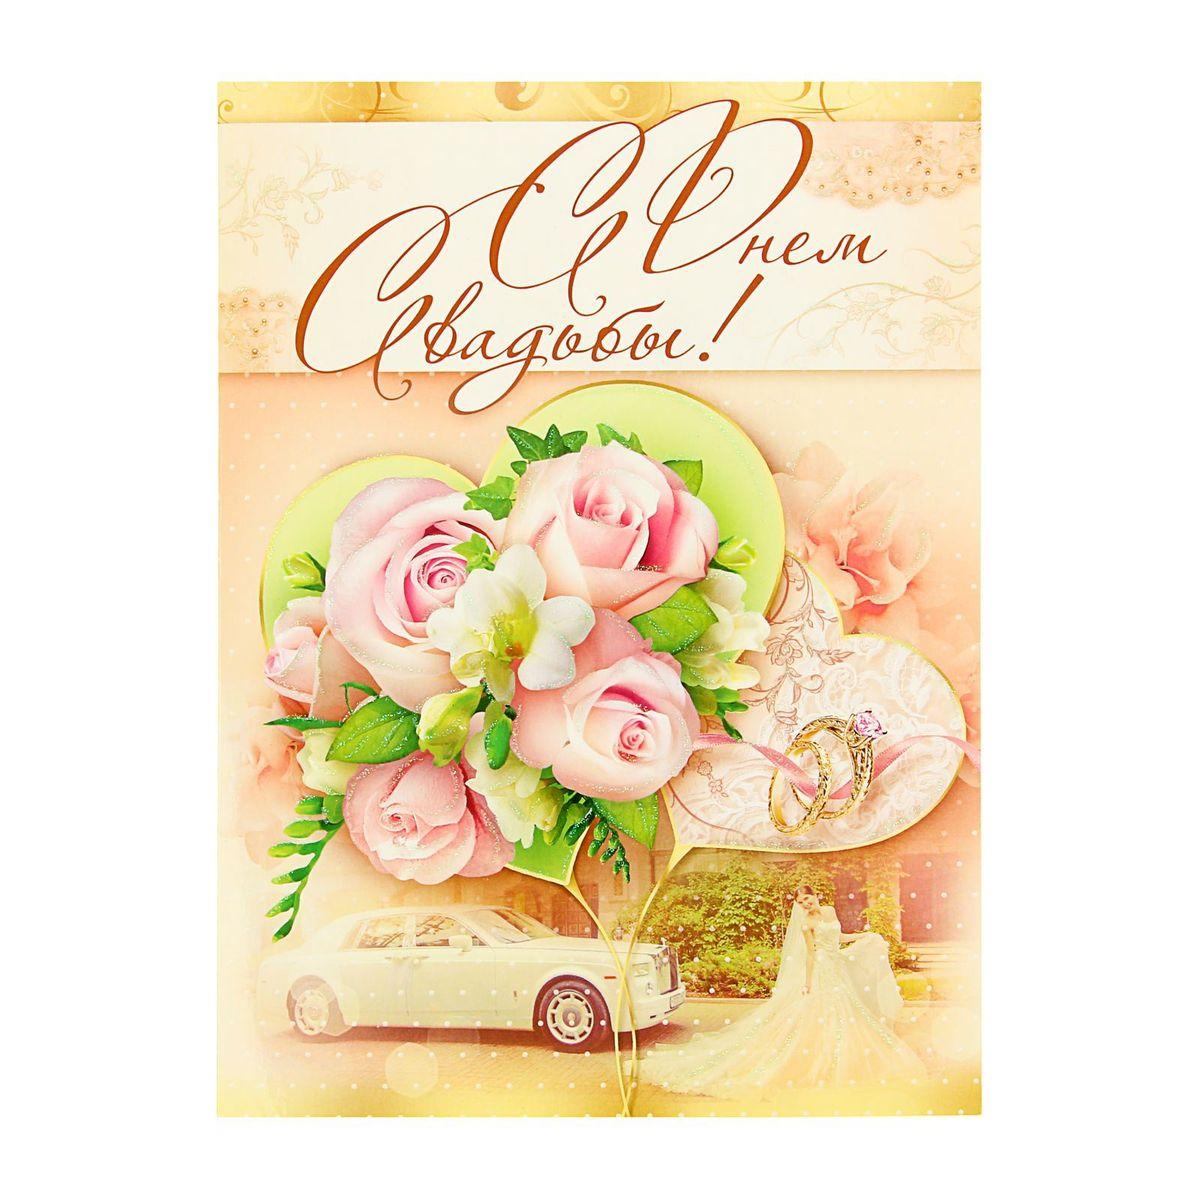 Открытка Эдельвейс С днем свадьбы!. 11802891180289Если вы хотите порадовать себя или близких, создатьпраздничное настроение и с улыбкой провести памятный день,то вы, несомненно, сделали правильный выбор! Открытка Эдельвейс С днем свадьбы!, выполненная из плотной бумаги, отличается не только оригинальным дизайном, но и высоким качеством.